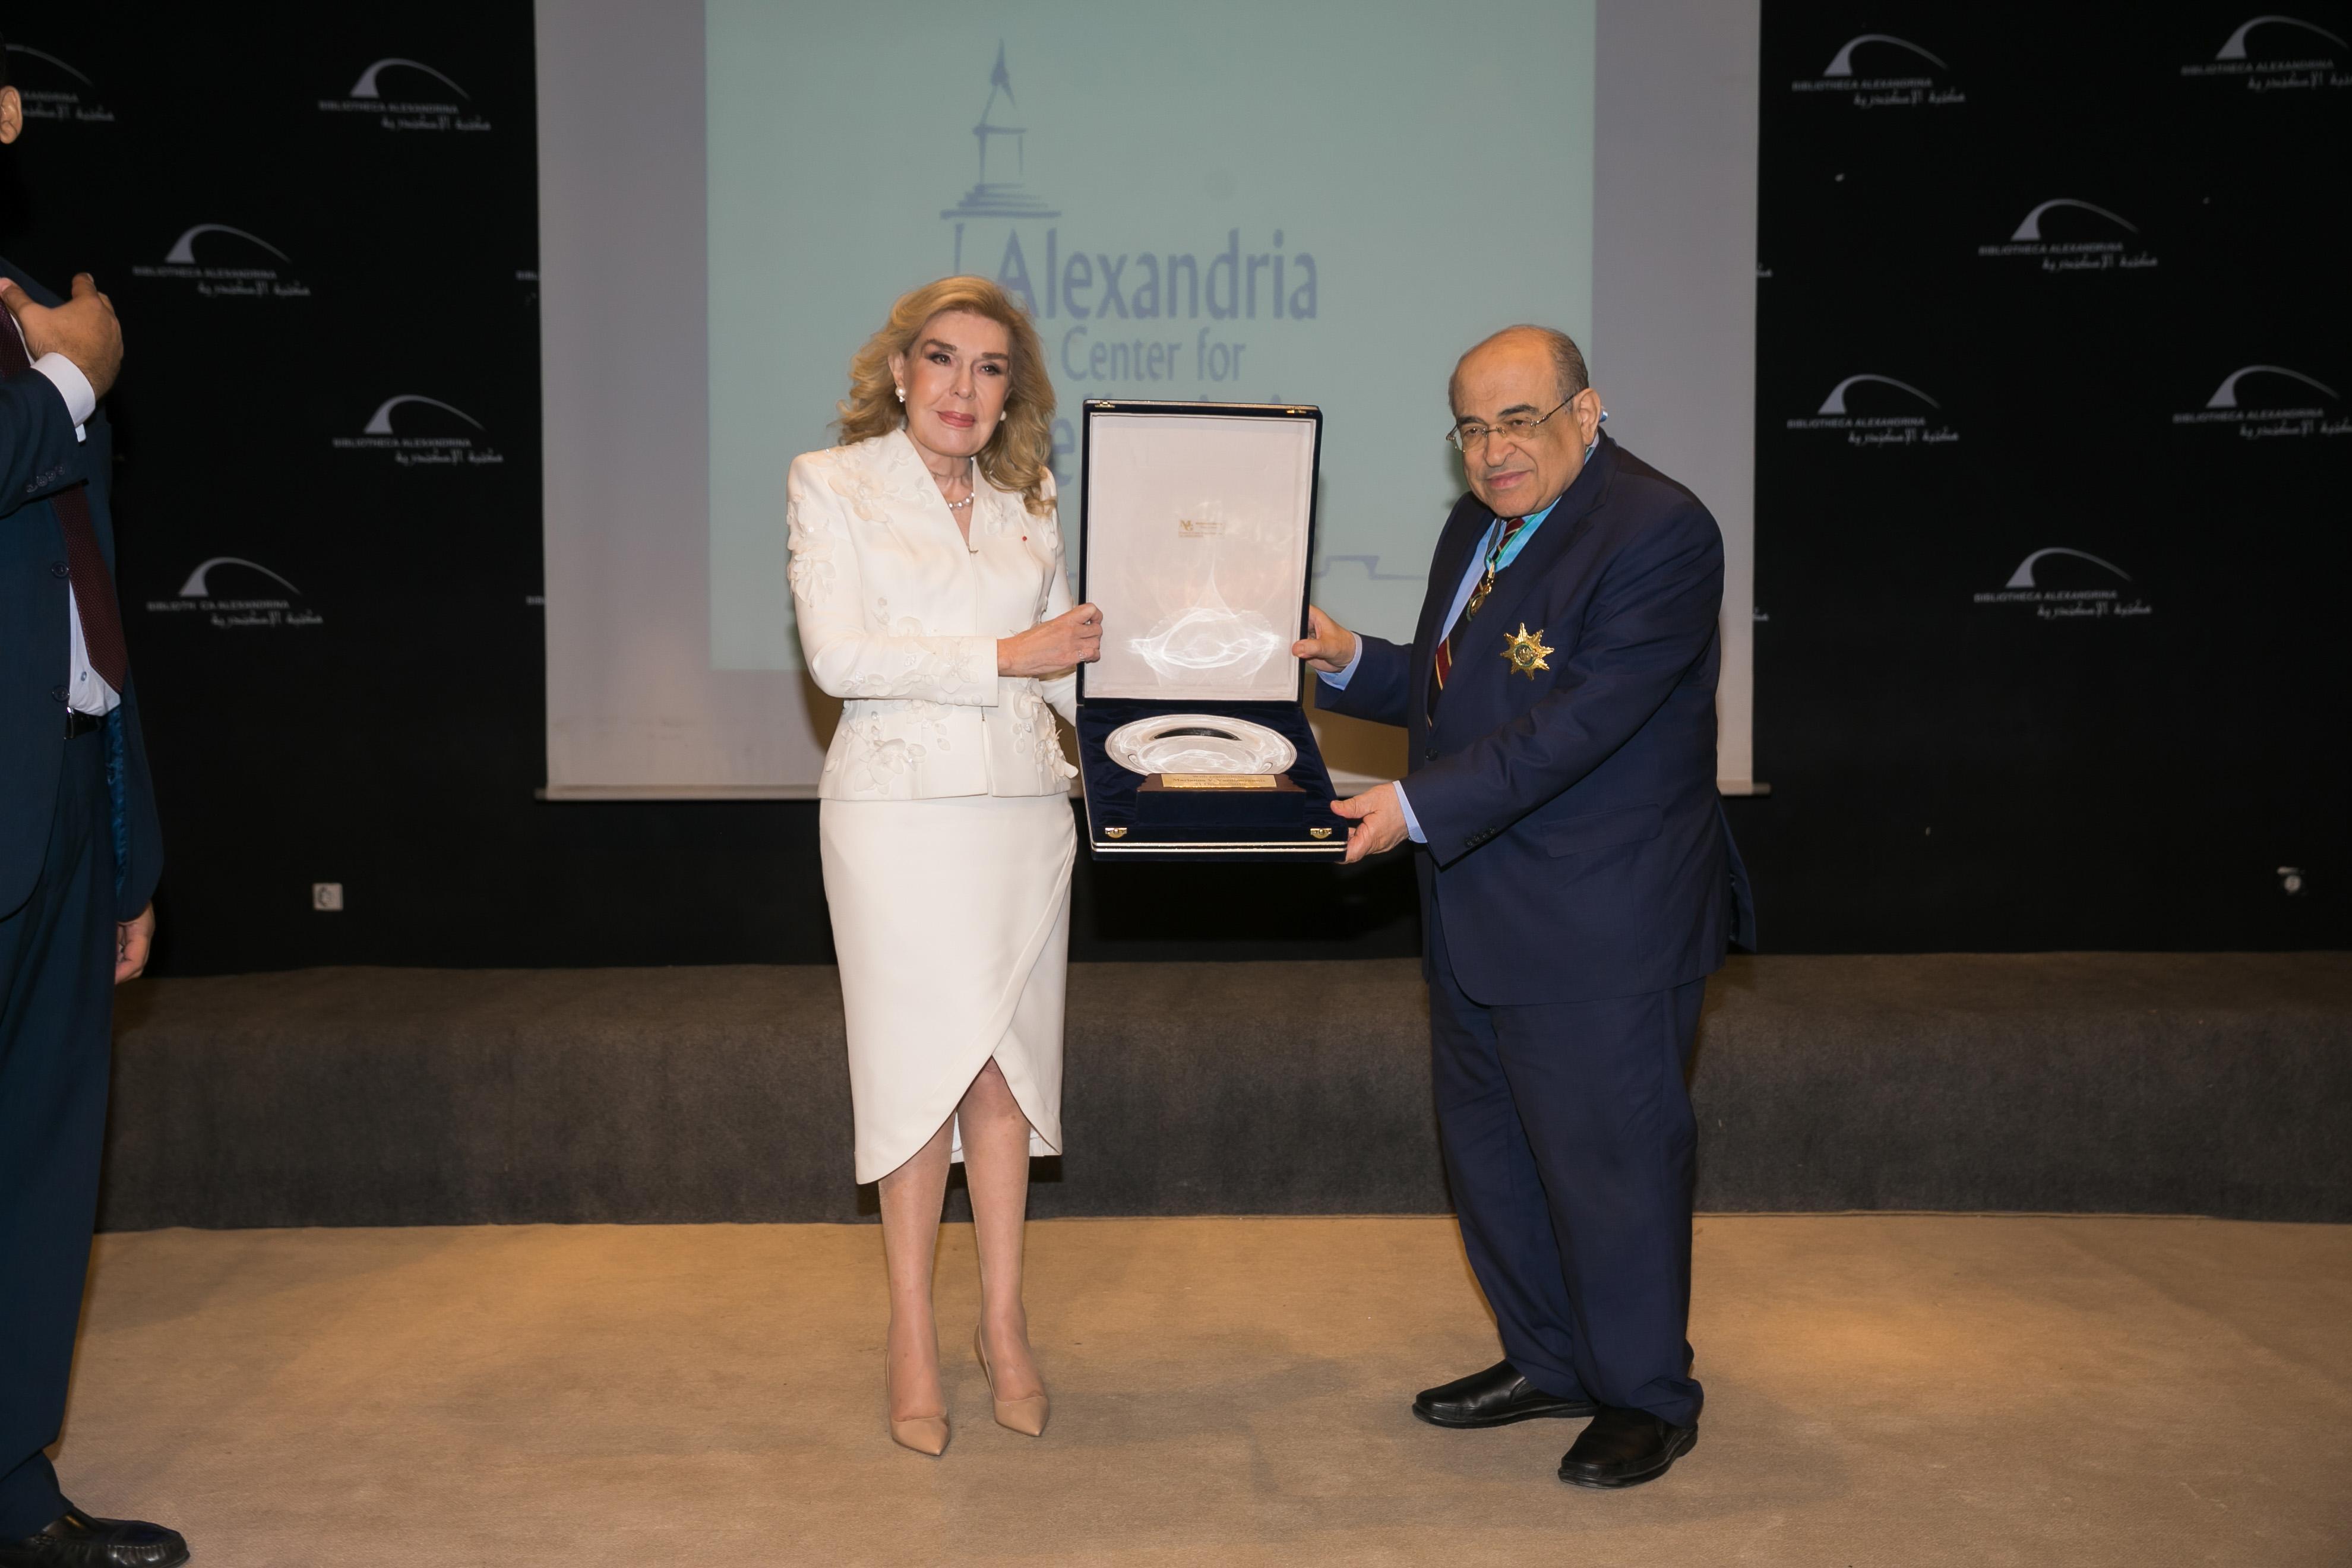 Ο Διευθυντής της Βιβλιοθήκης της Αλεξάνδρειας Mostafa El Feki απονέμει τιμητική διάκριση στην Μαριάννα Β. Βαρδινογιάννη